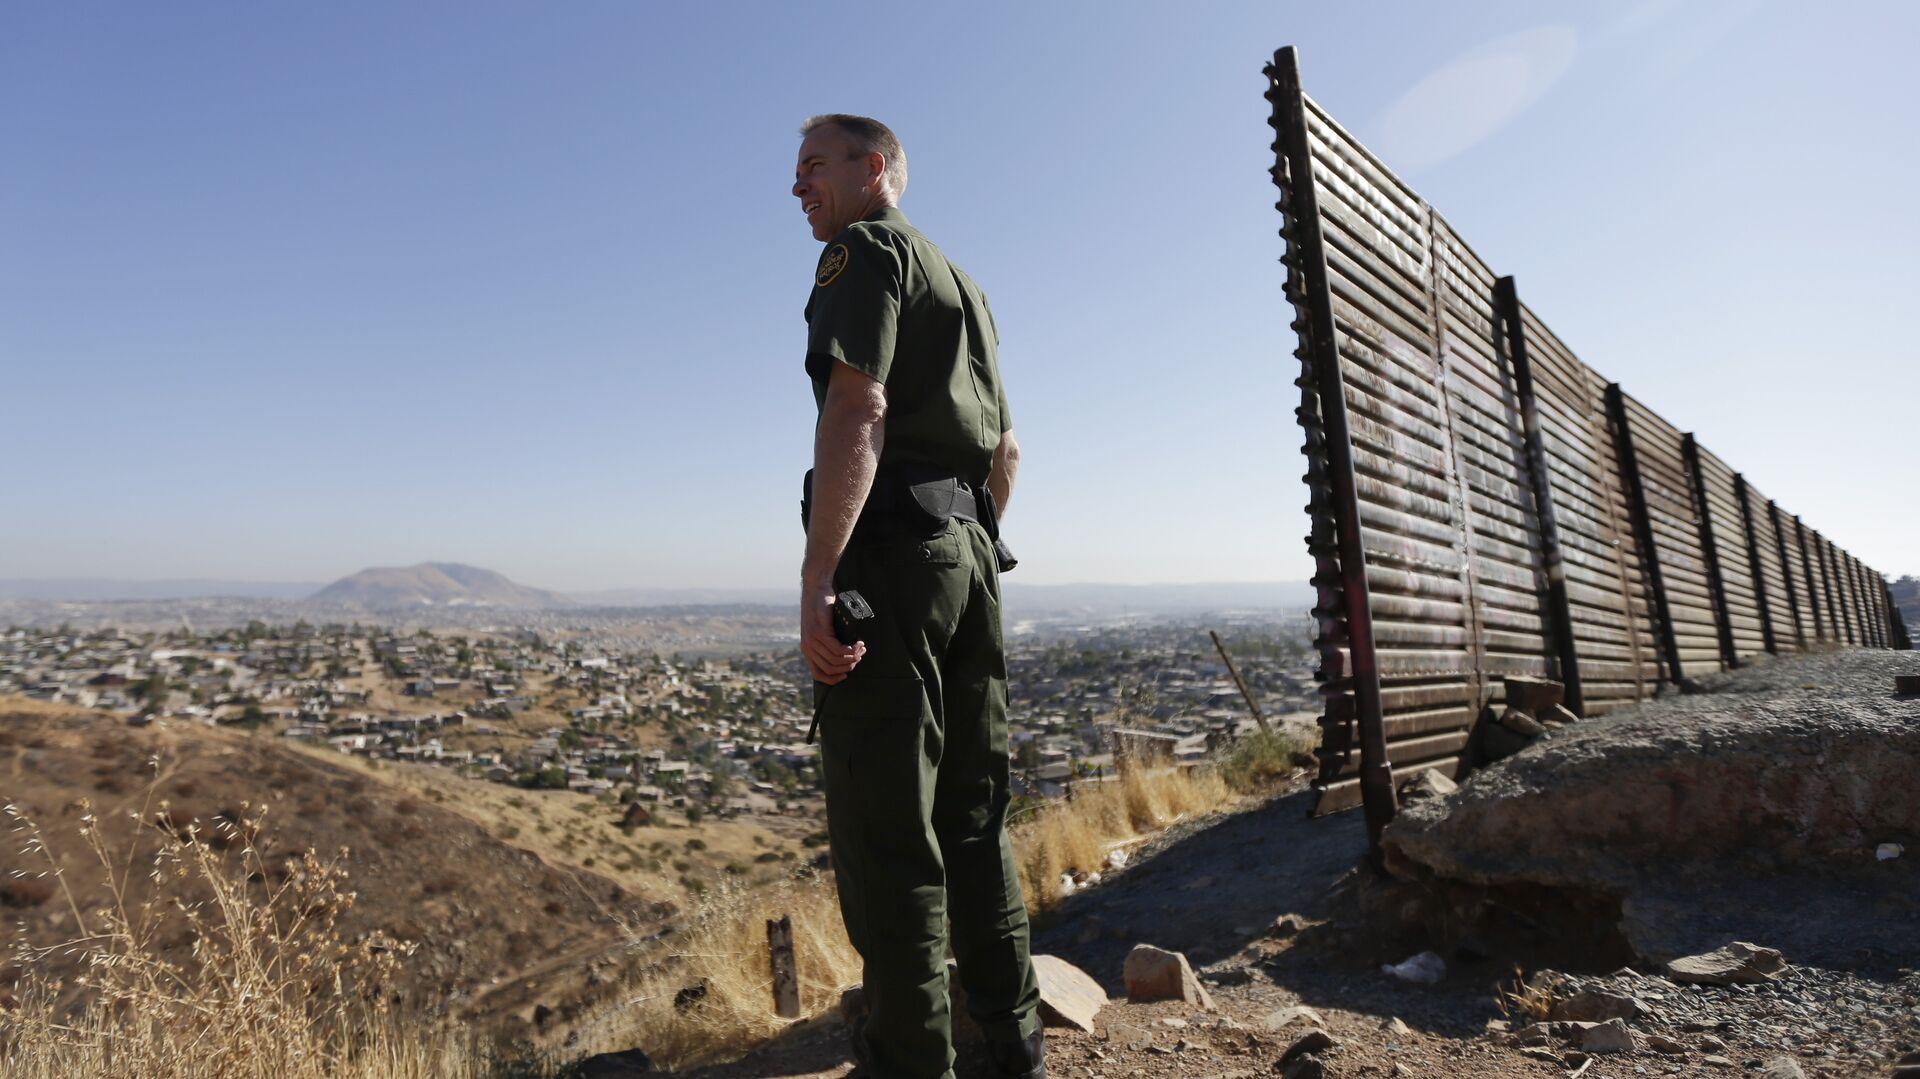 Сотрудник правоохранительных органов США у стены на границе США и Мексики - РИА Новости, 1920, 21.01.2021